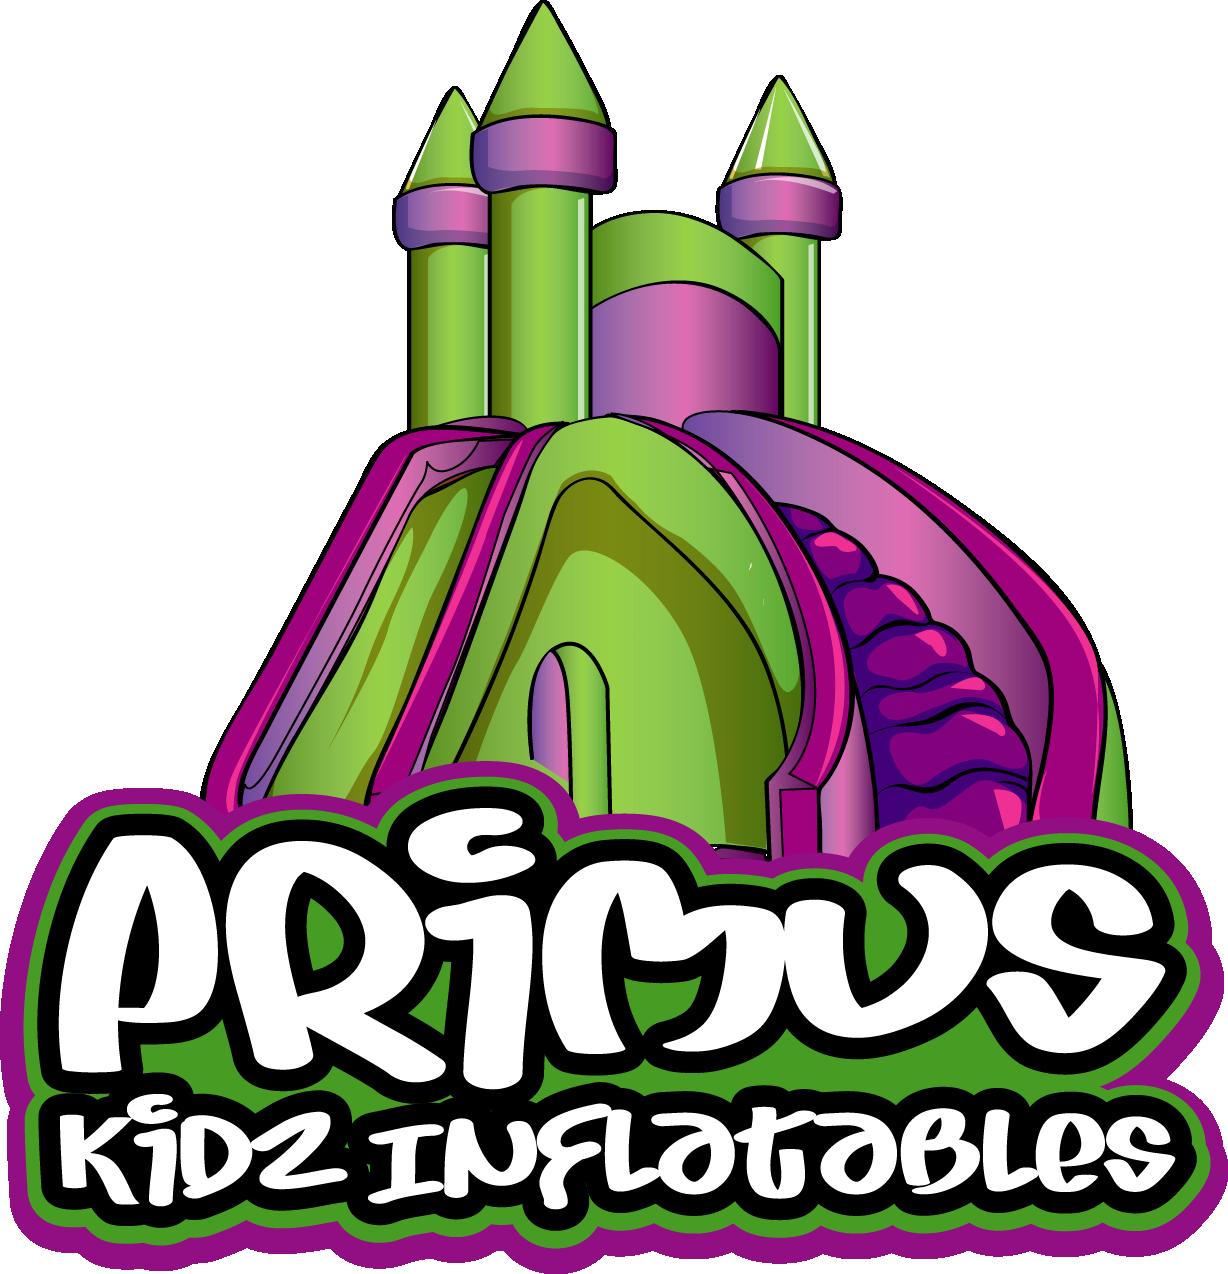 Primus Kidz Inflatables d00d d00a Inventory